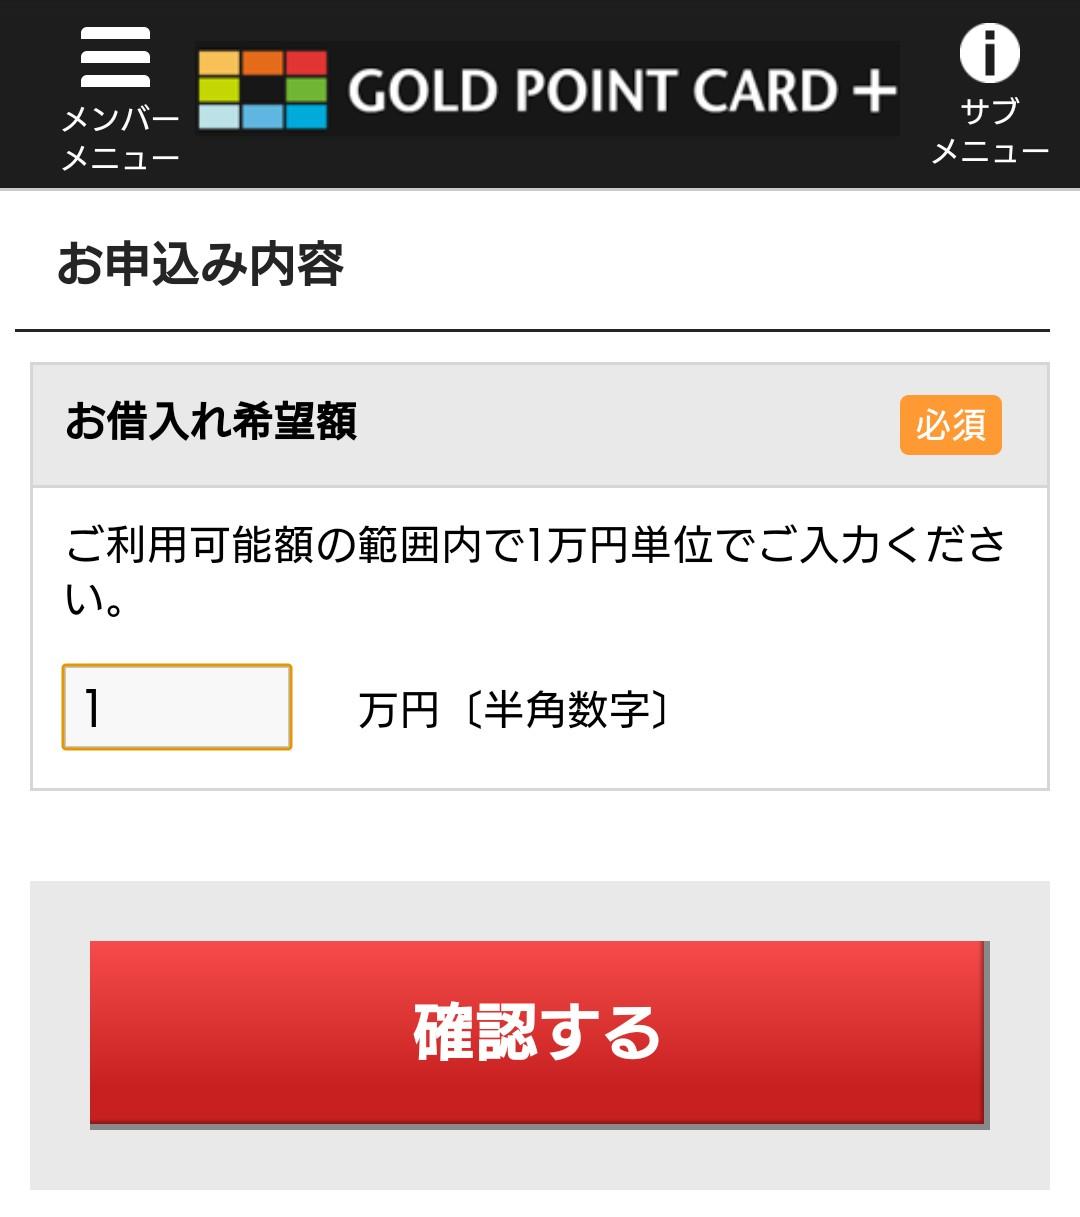 ヨドバシカードのキャッシング申込画面